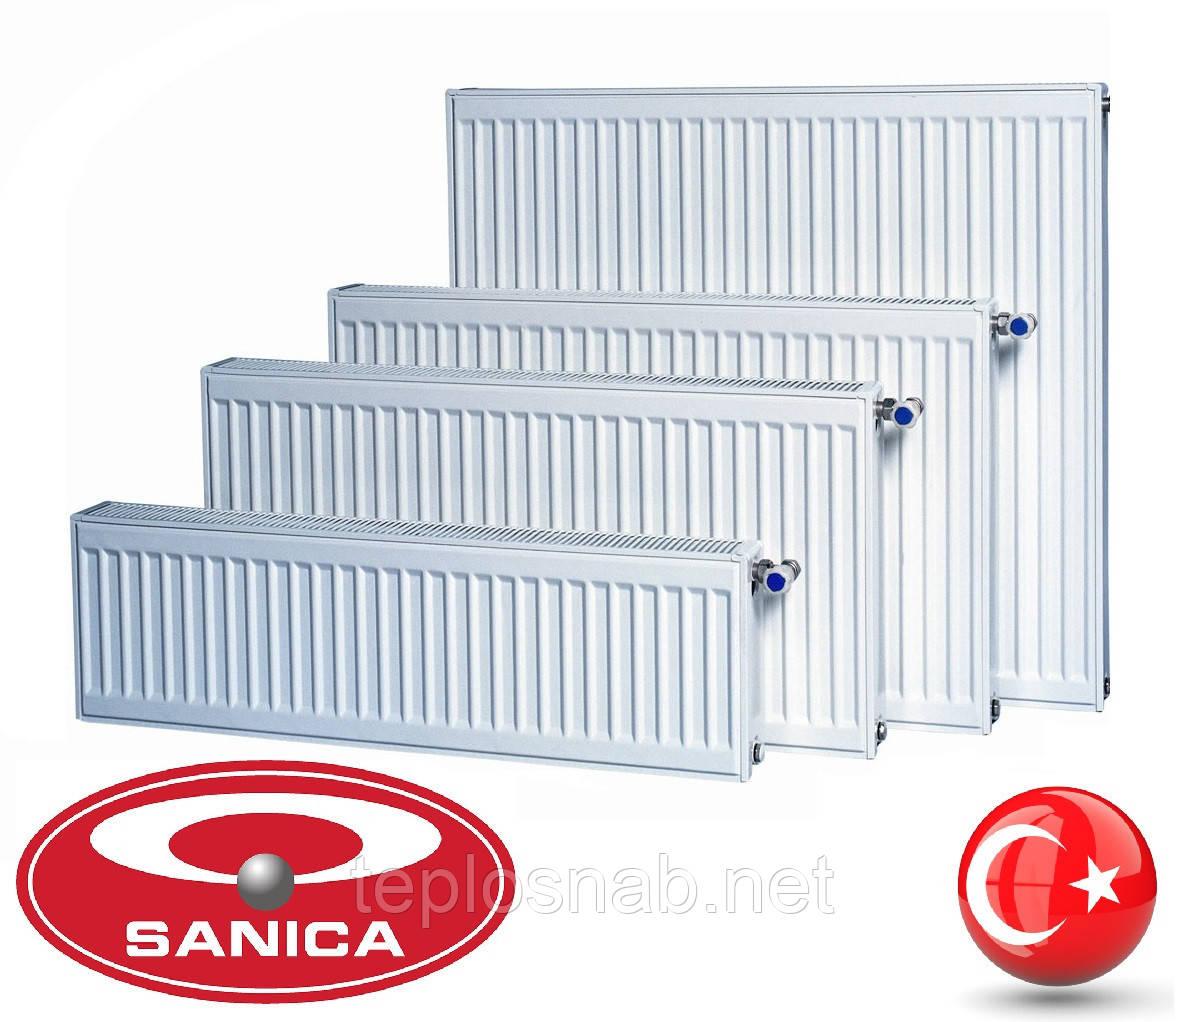 Стальной радиатор Sanica 22 тип (300 х 1800 мм) / 2286 Вт